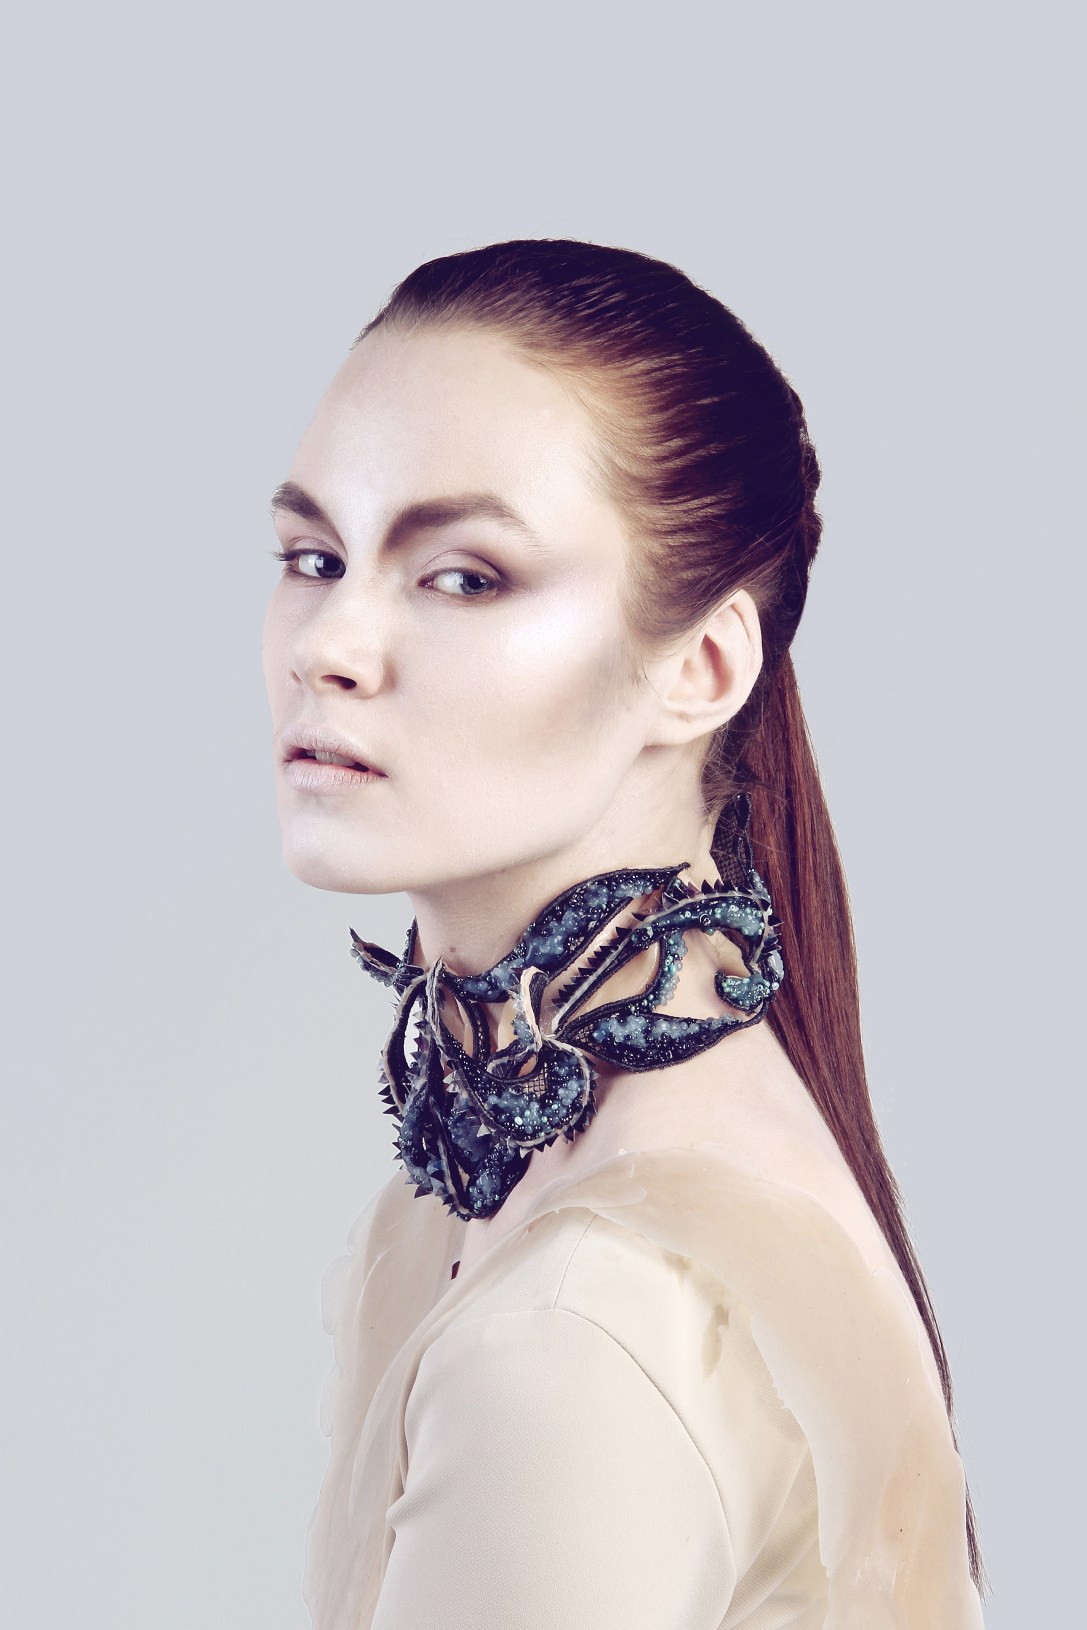 Amy-Congdon-Atelier-Biologique-2013-c-Amy-Congdon